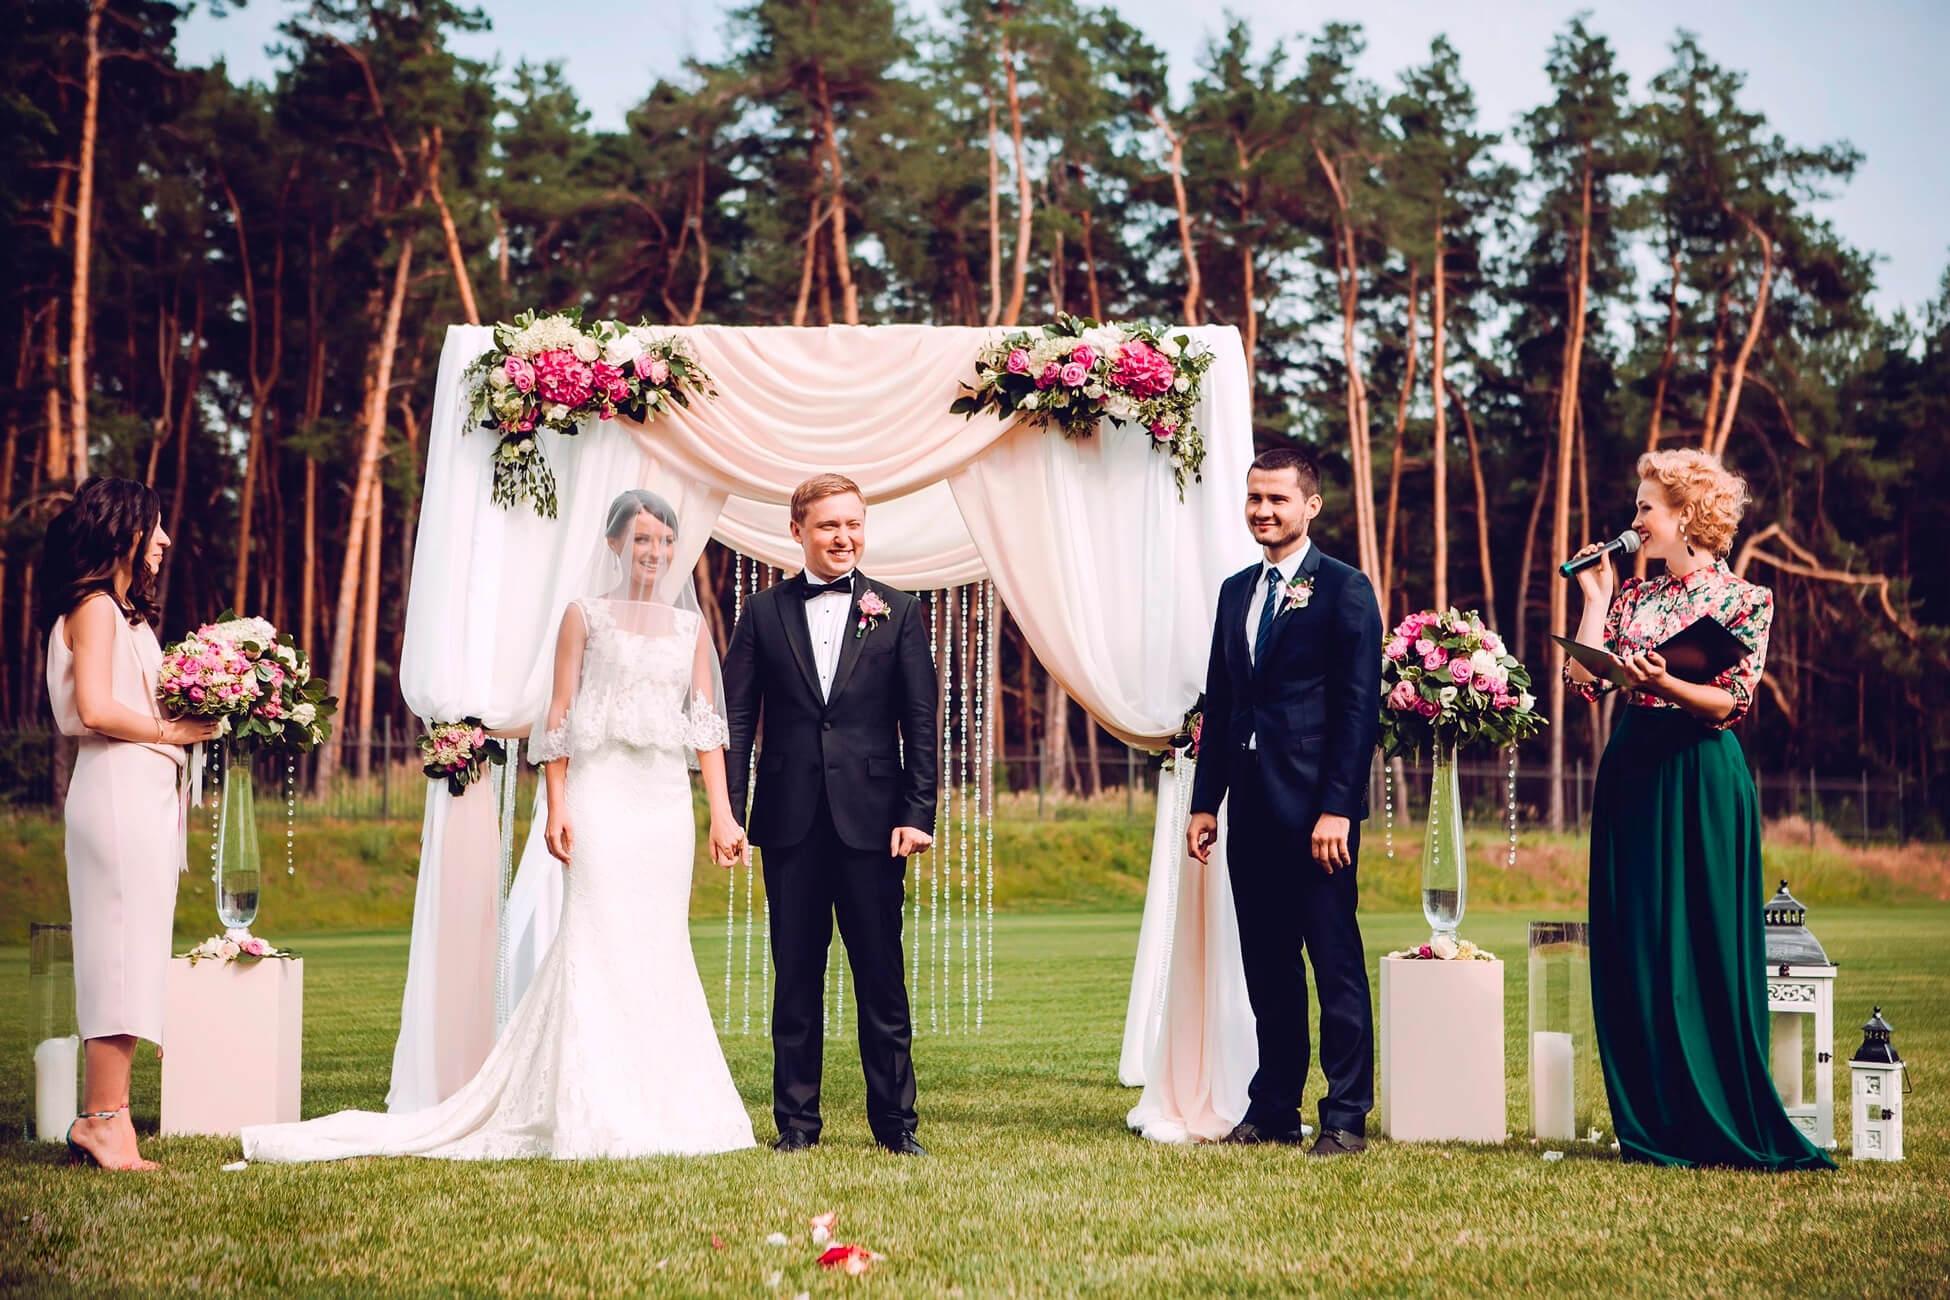 Лучшие советы для хорошей свадьбы